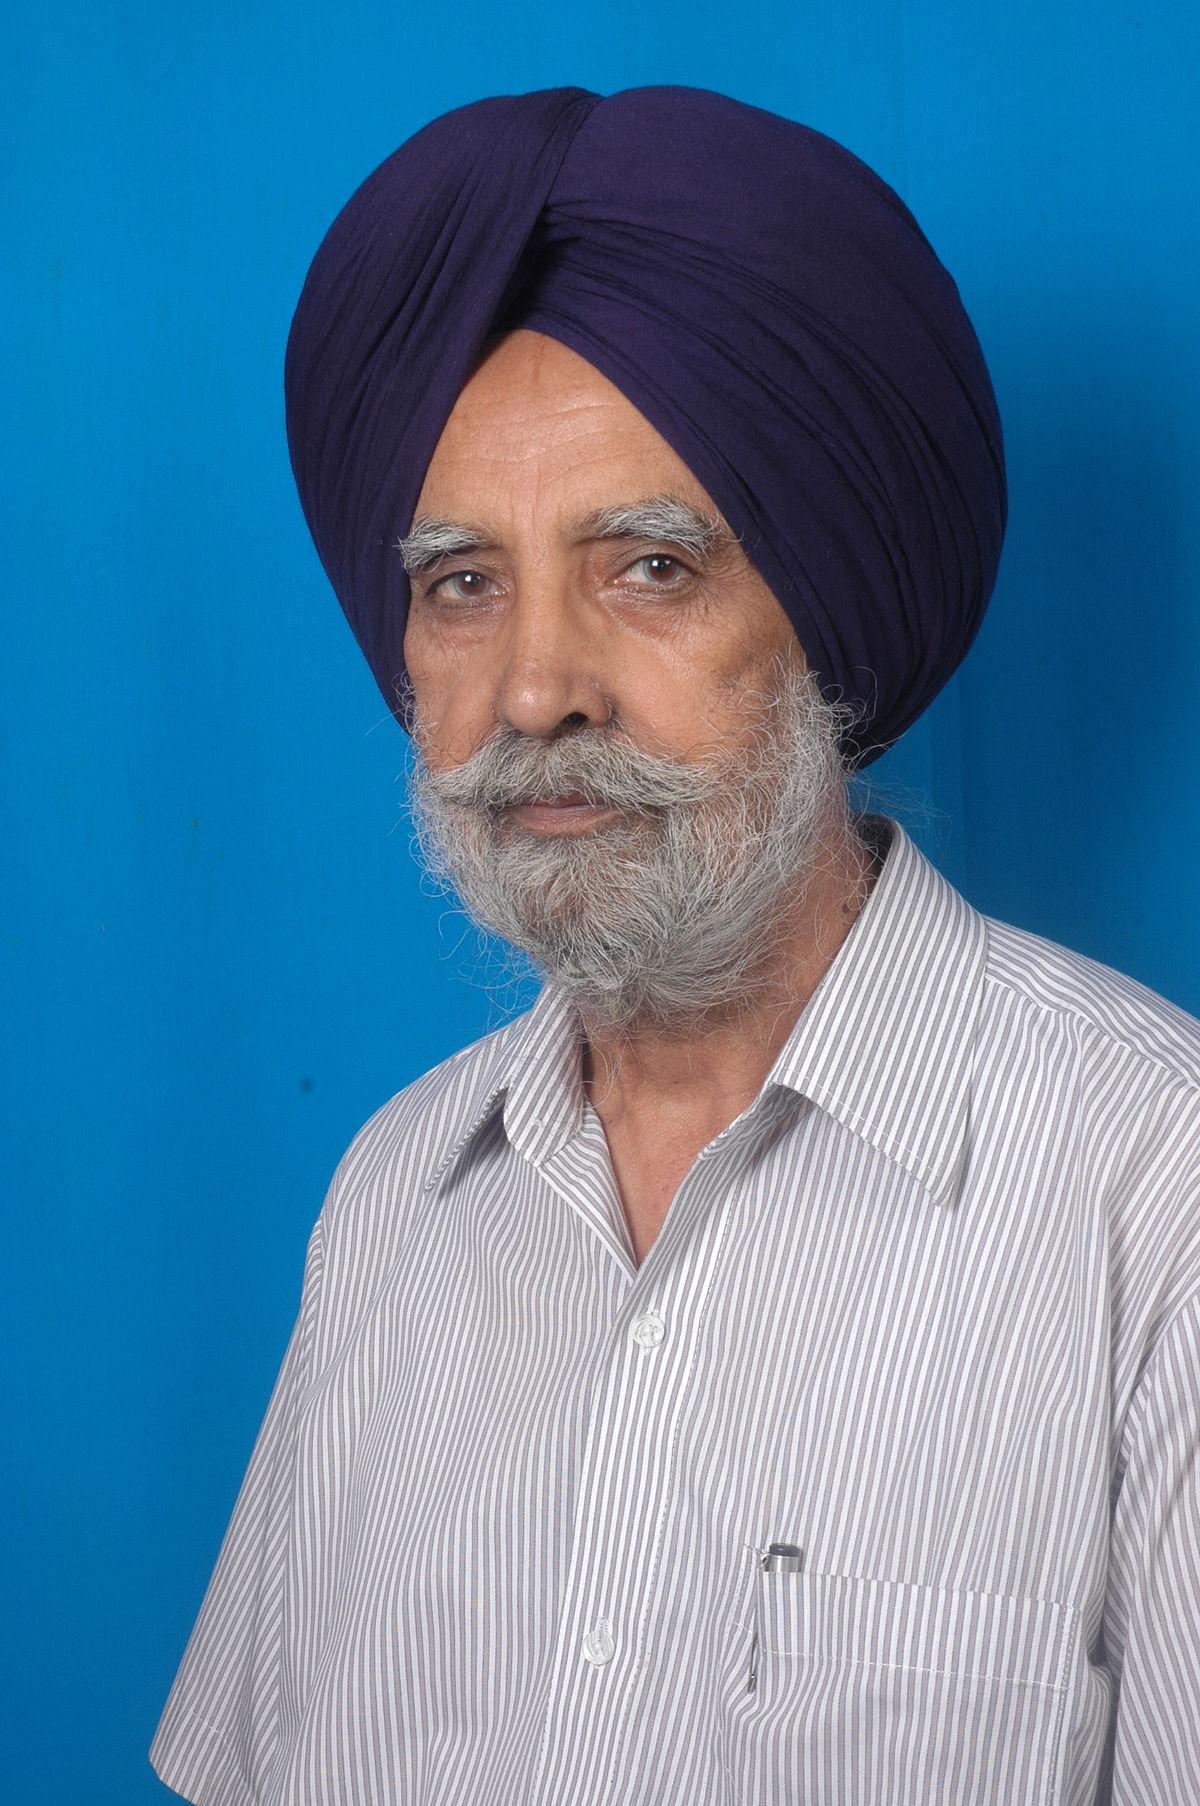 Karnail Singh Somal - Wikipedia